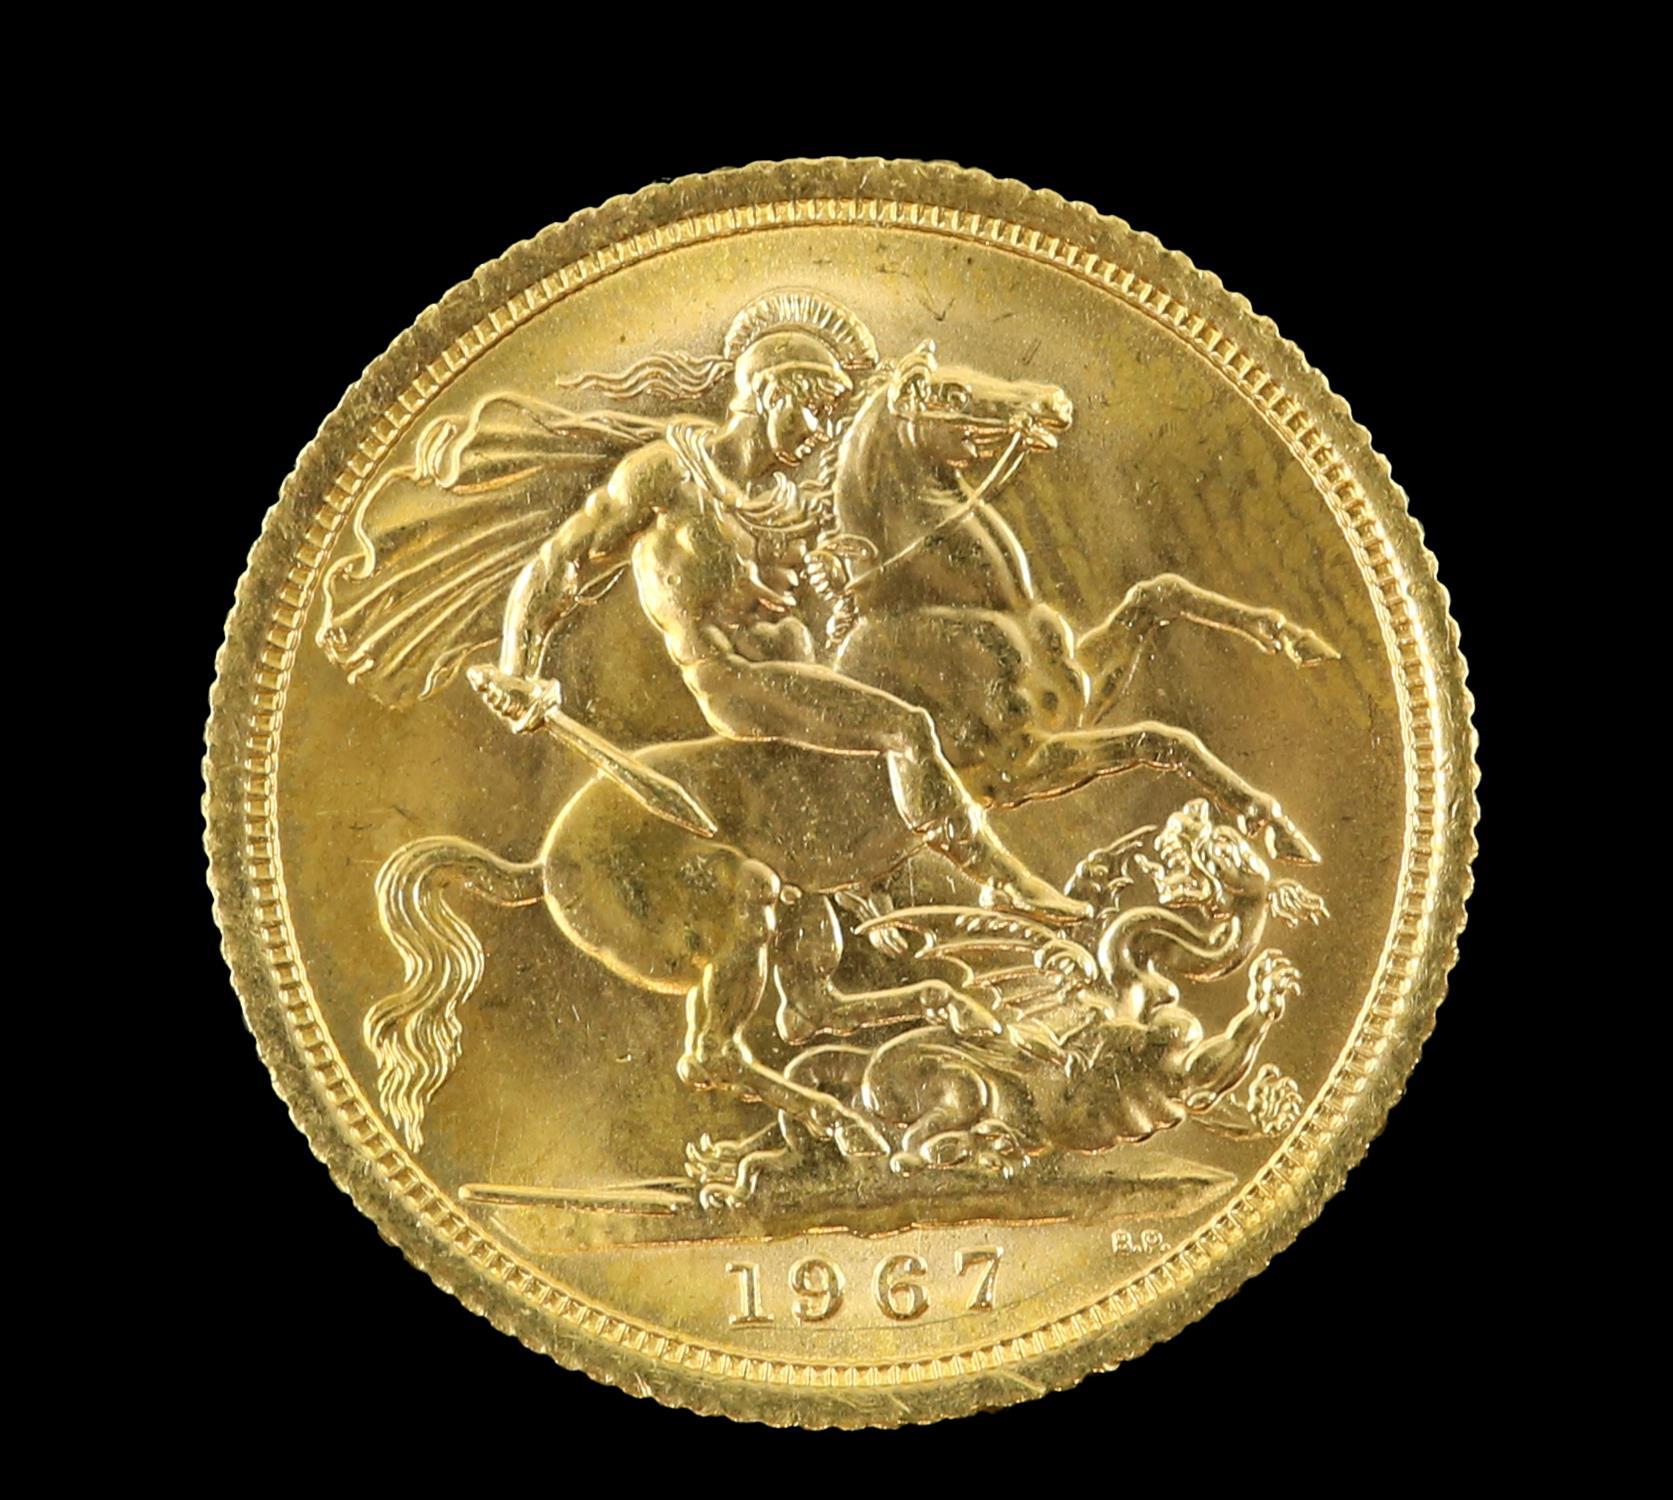 Elizabeth II gold sovereign 1967